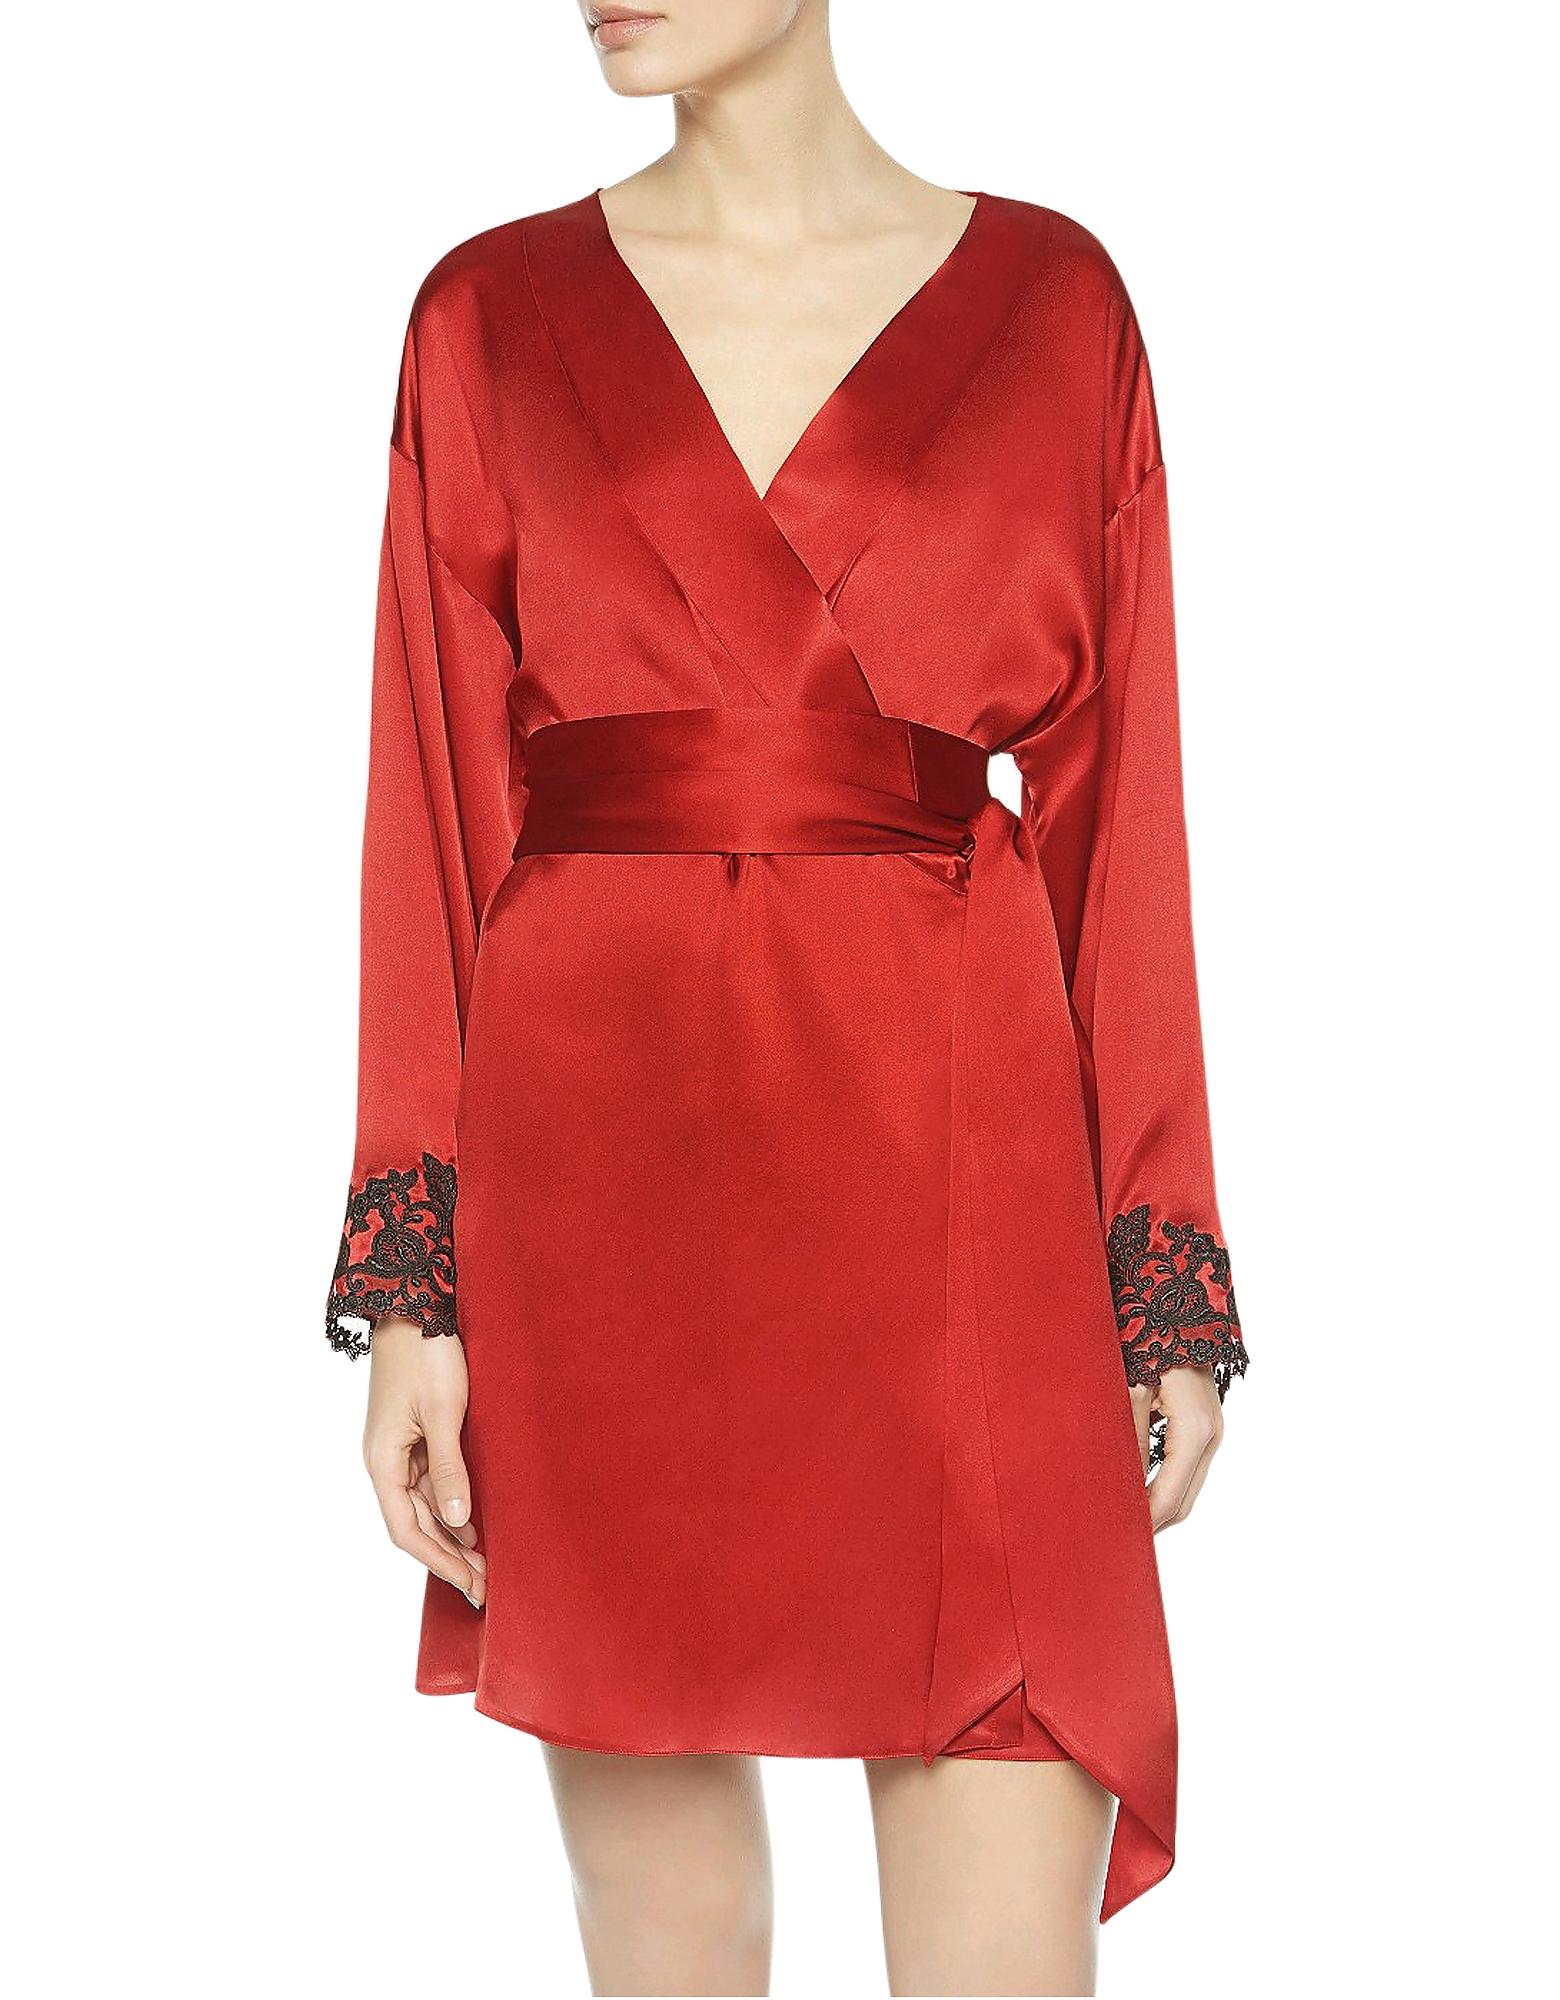 Maison - Robe de Chambre Courte en Satin de Soie Rouge avec Dentelle Brodée. Maison - robe de chambre courte en satin de soie rouge avec dentel